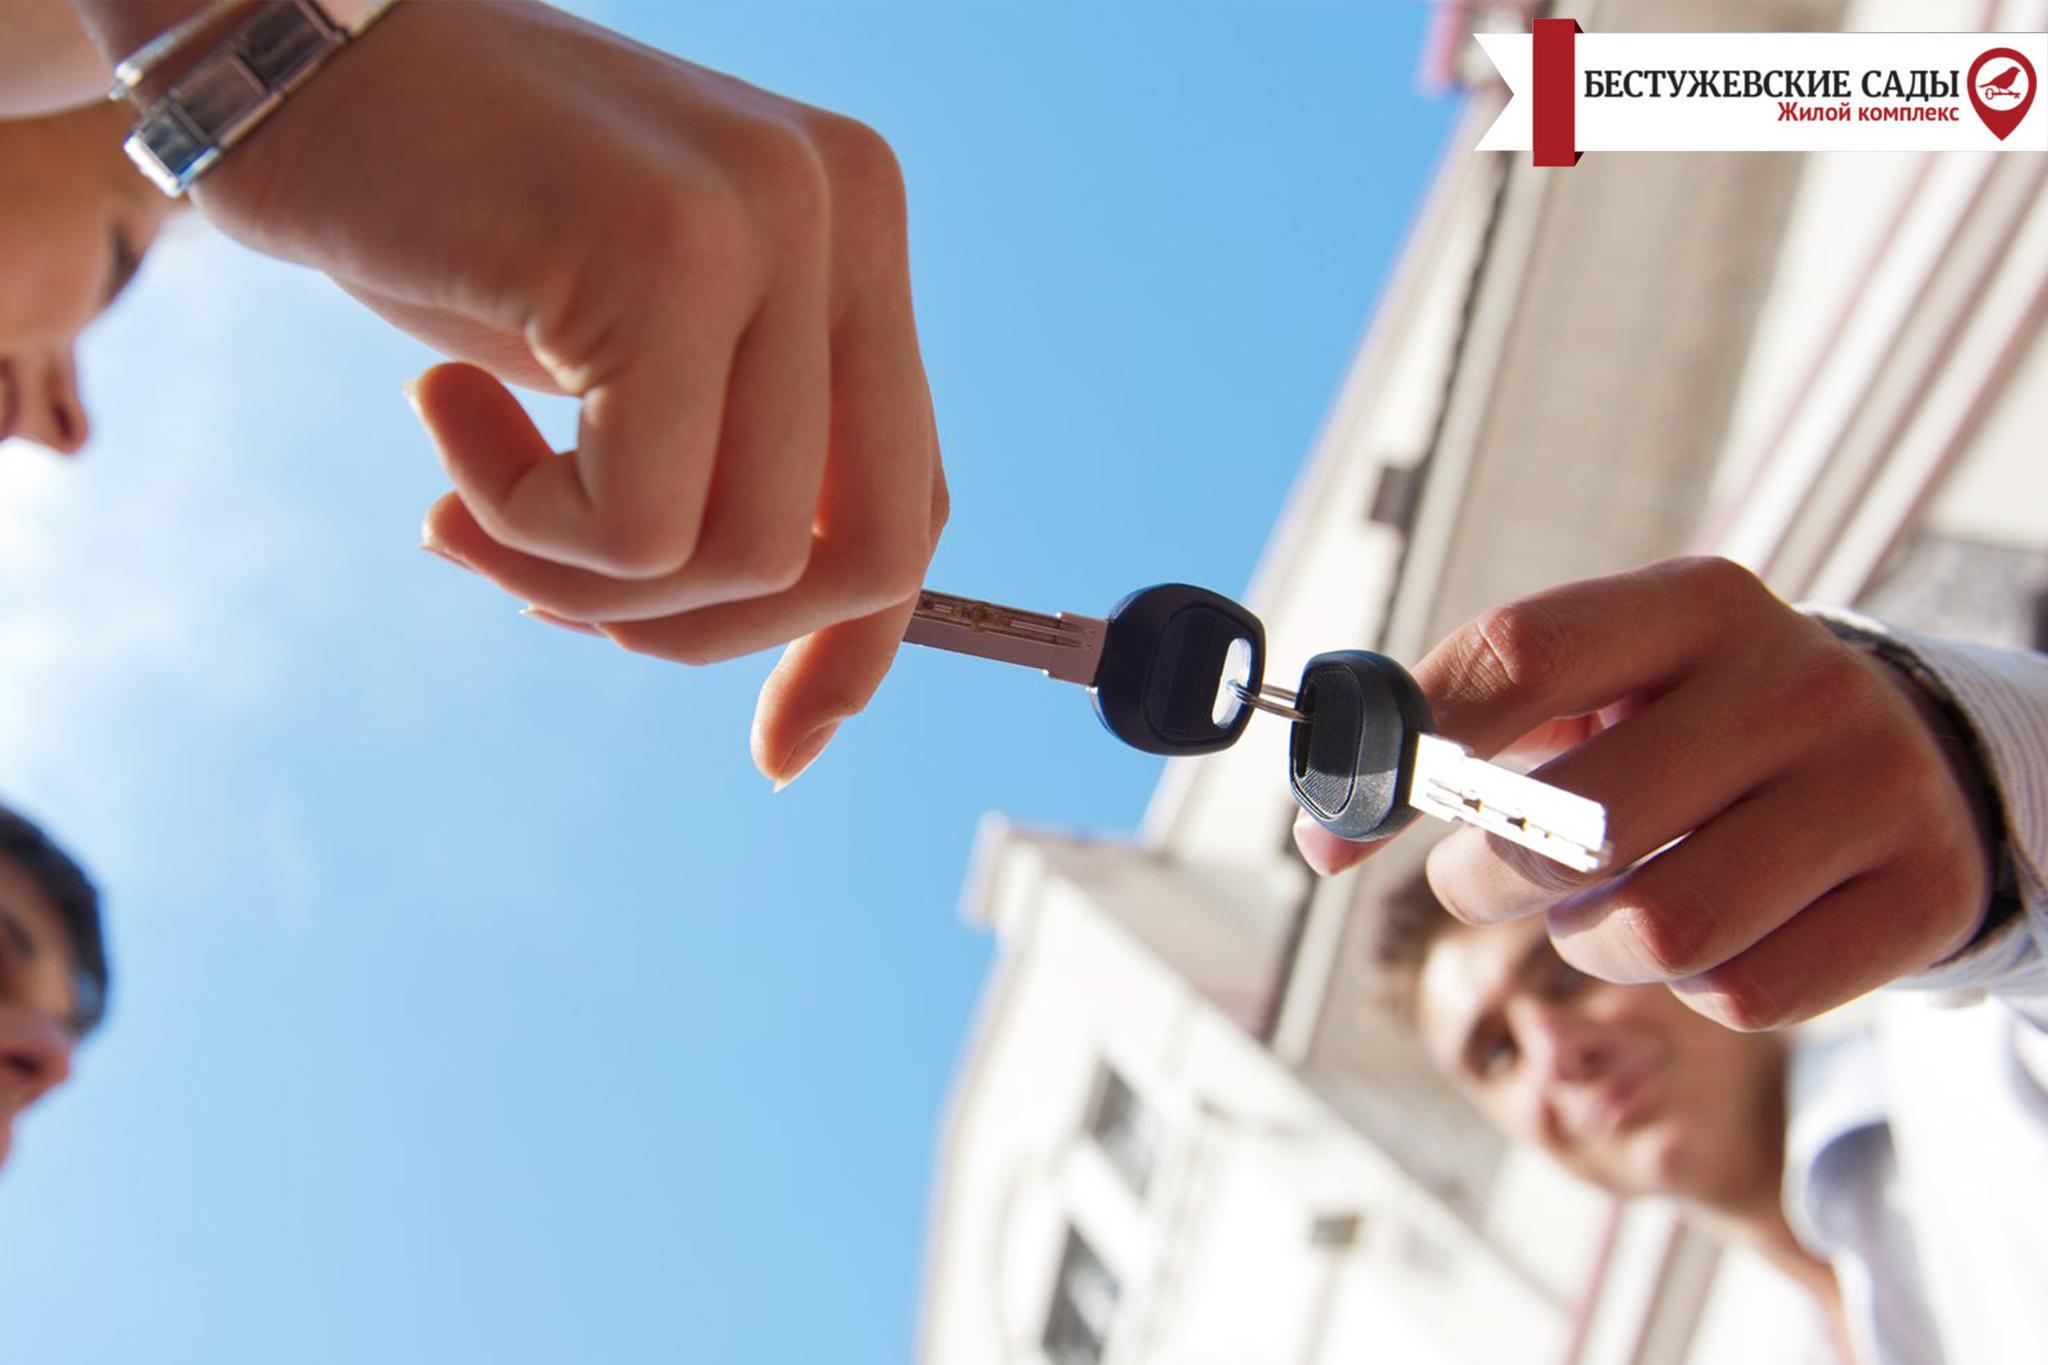 Як правильно оформити всі документи при покупці квартири